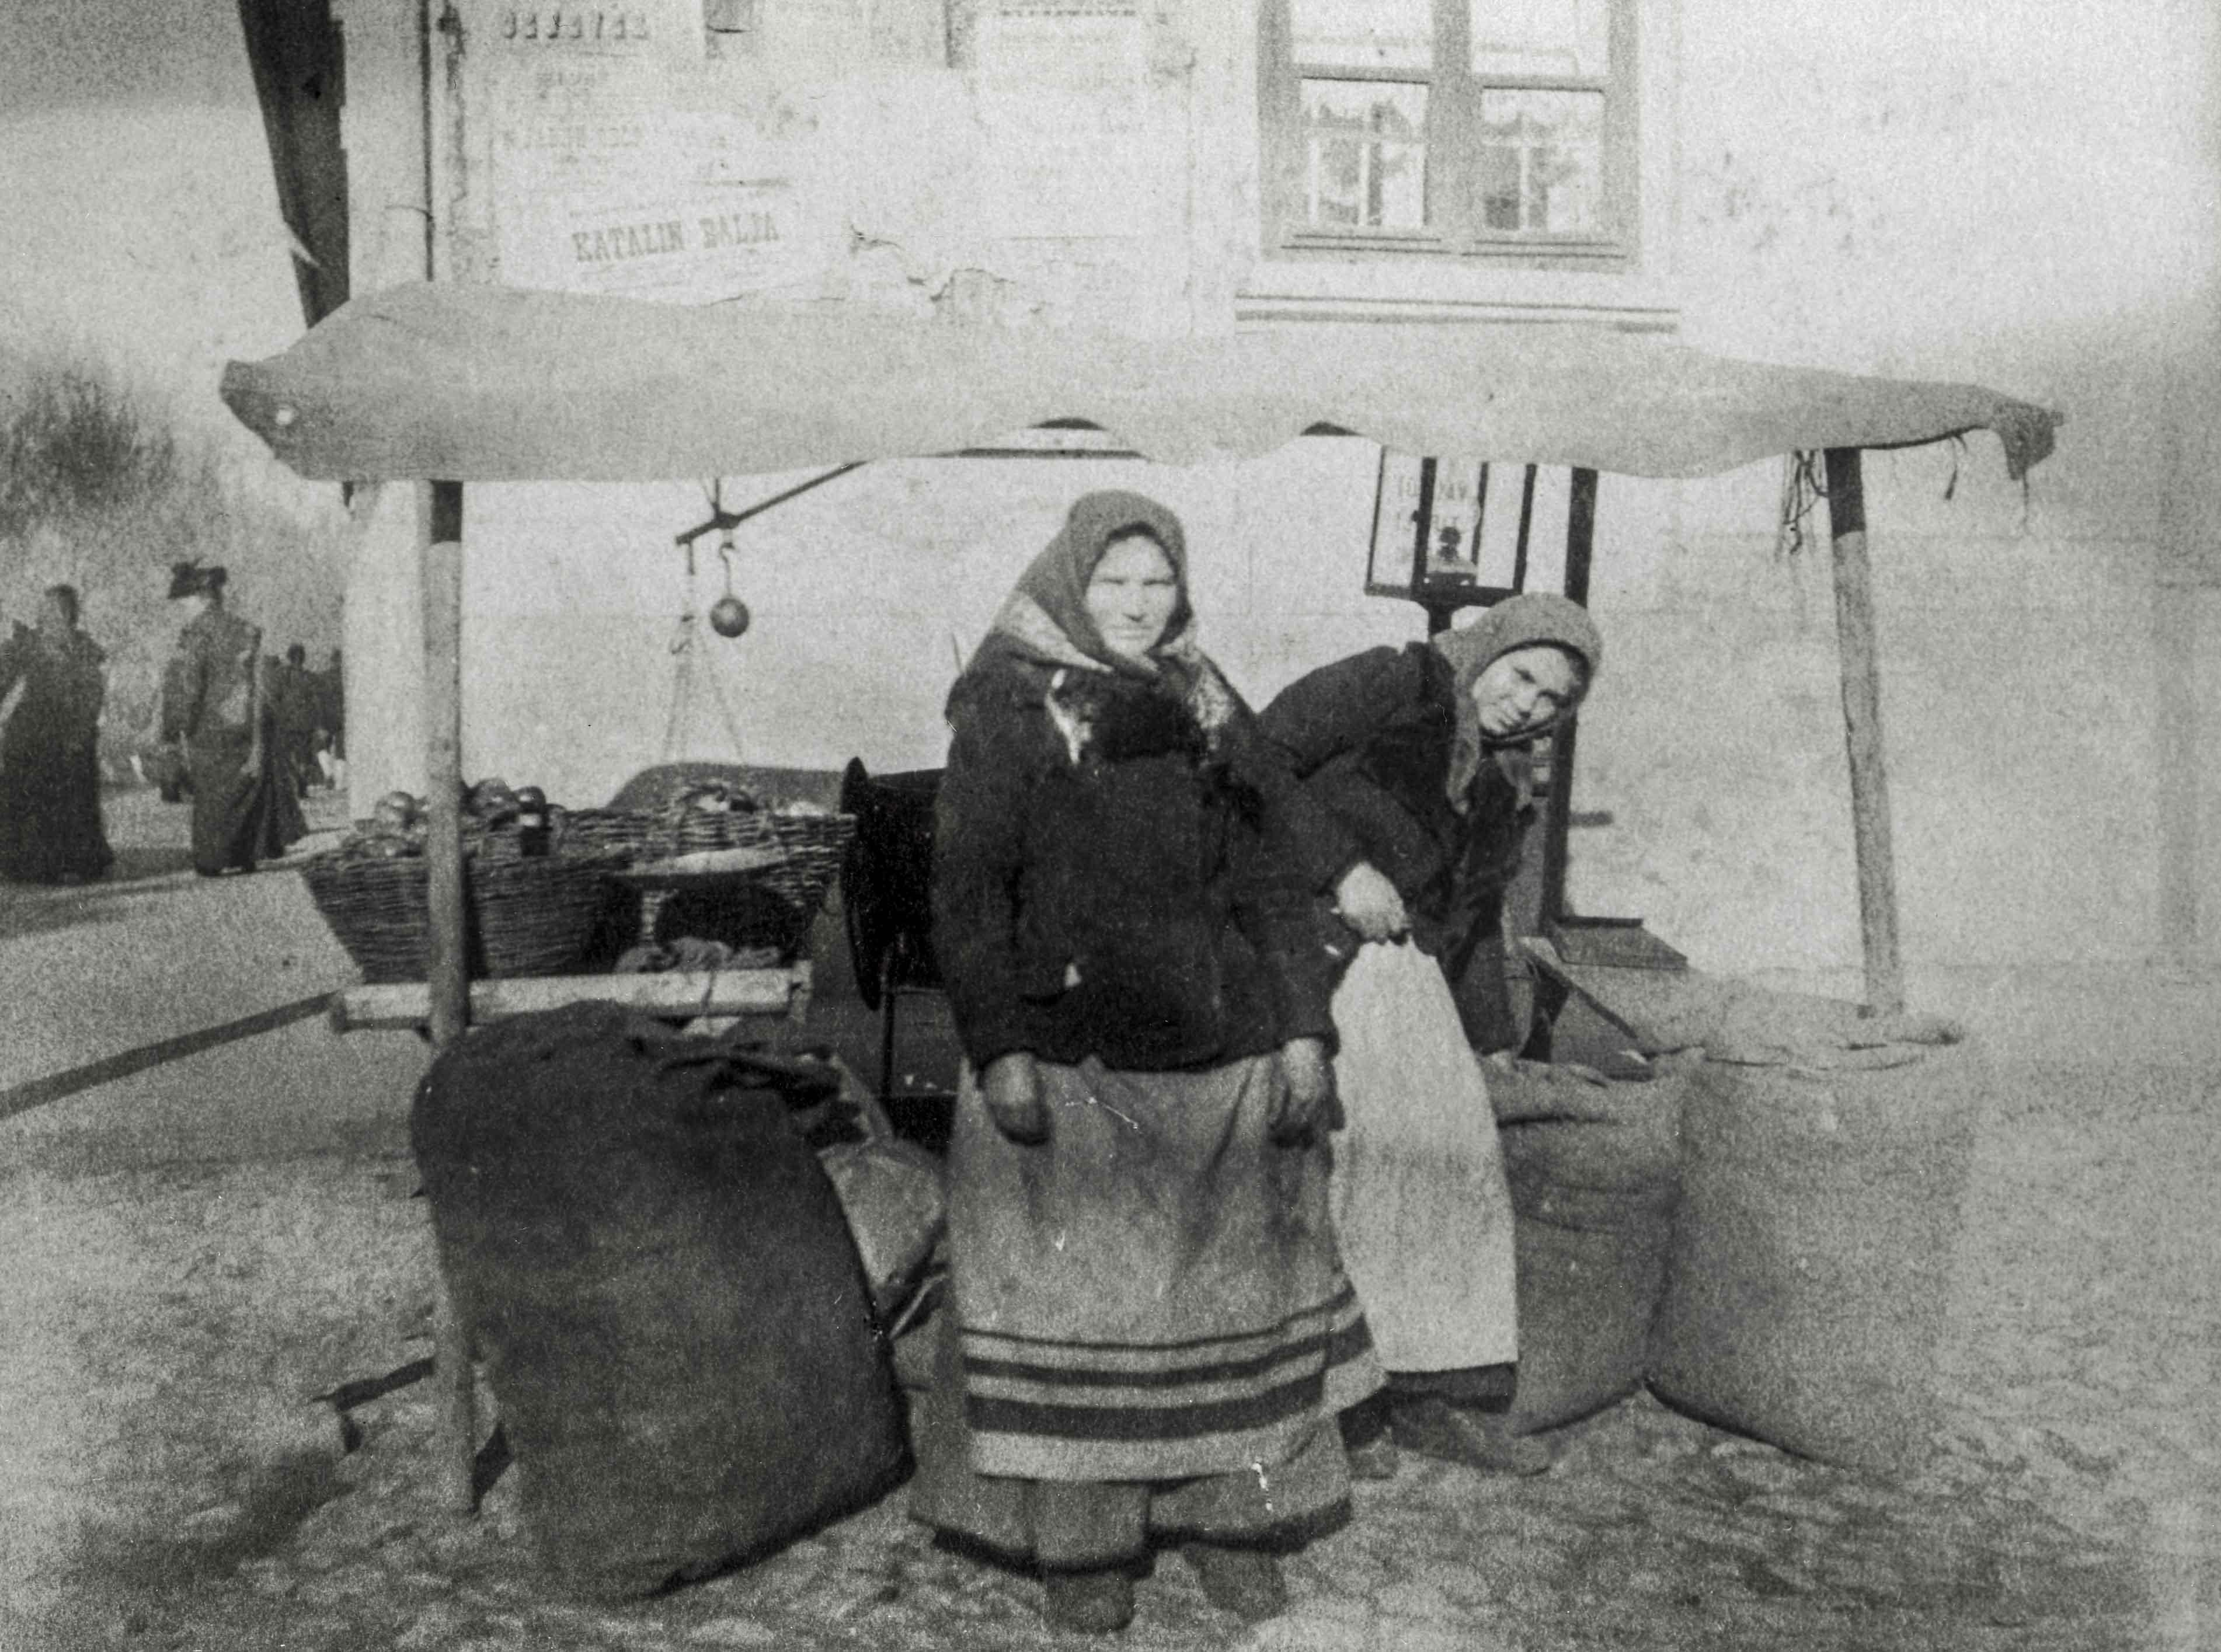 Kofák. Háziasszonyként sokat mozgott a vásárokon, személyesen ismerte a kofákat, az árusokat, akik így teljes természetességgel álltak a még nem mindennaposnak számító, nem megszokott fényképezőgép elé. <br />Zombor, 1907 előtt, F 8489<br /><br />Fotó: Alföldy Flóra © Néprajzi Múzeum<br />